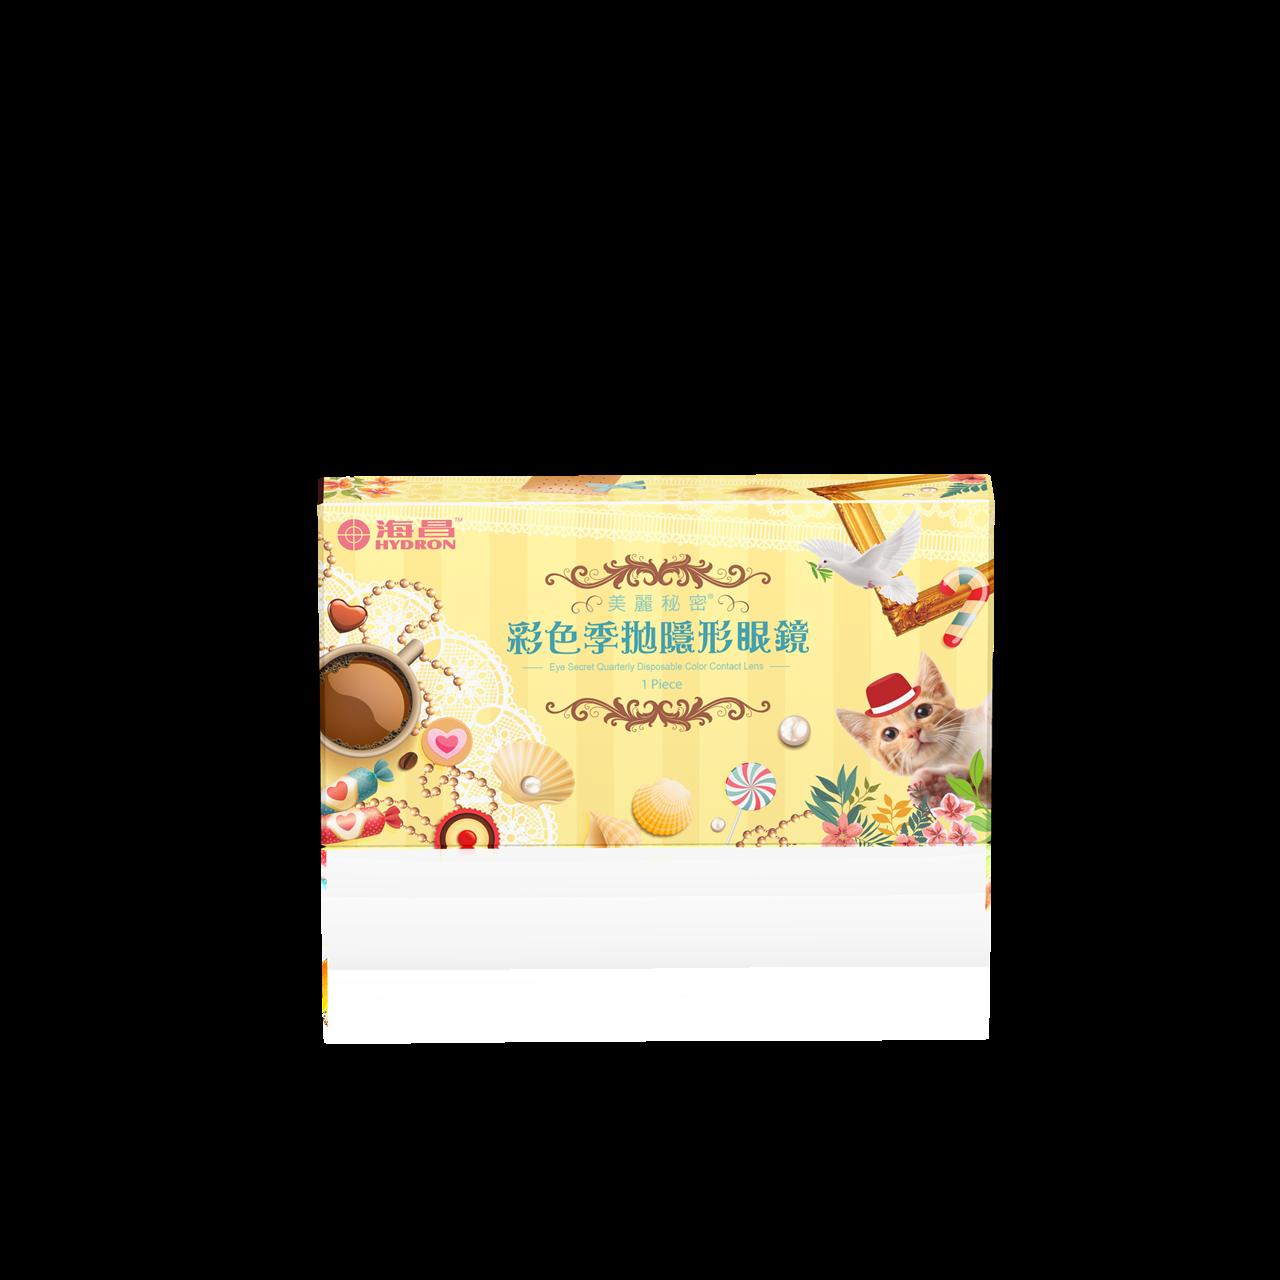 海昌美麗秘密彩色季拋(1片裝)1